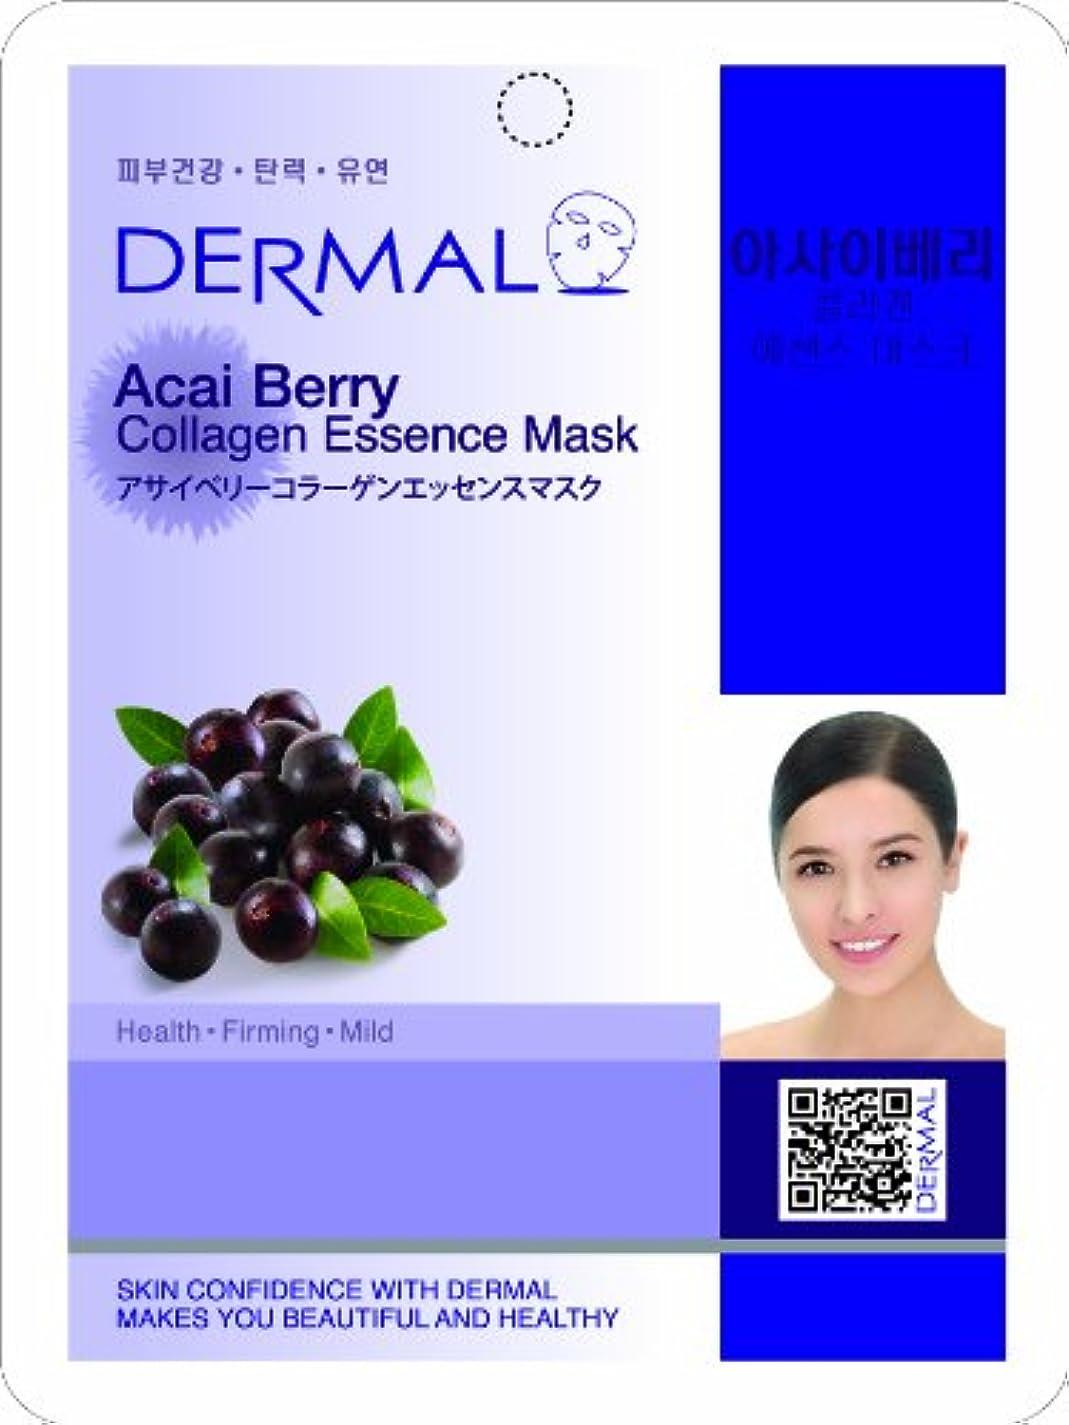 乳白色グリース持続するアサイベリーシートマスク(フェイスパック) 10枚セット ダーマル(Dermal)